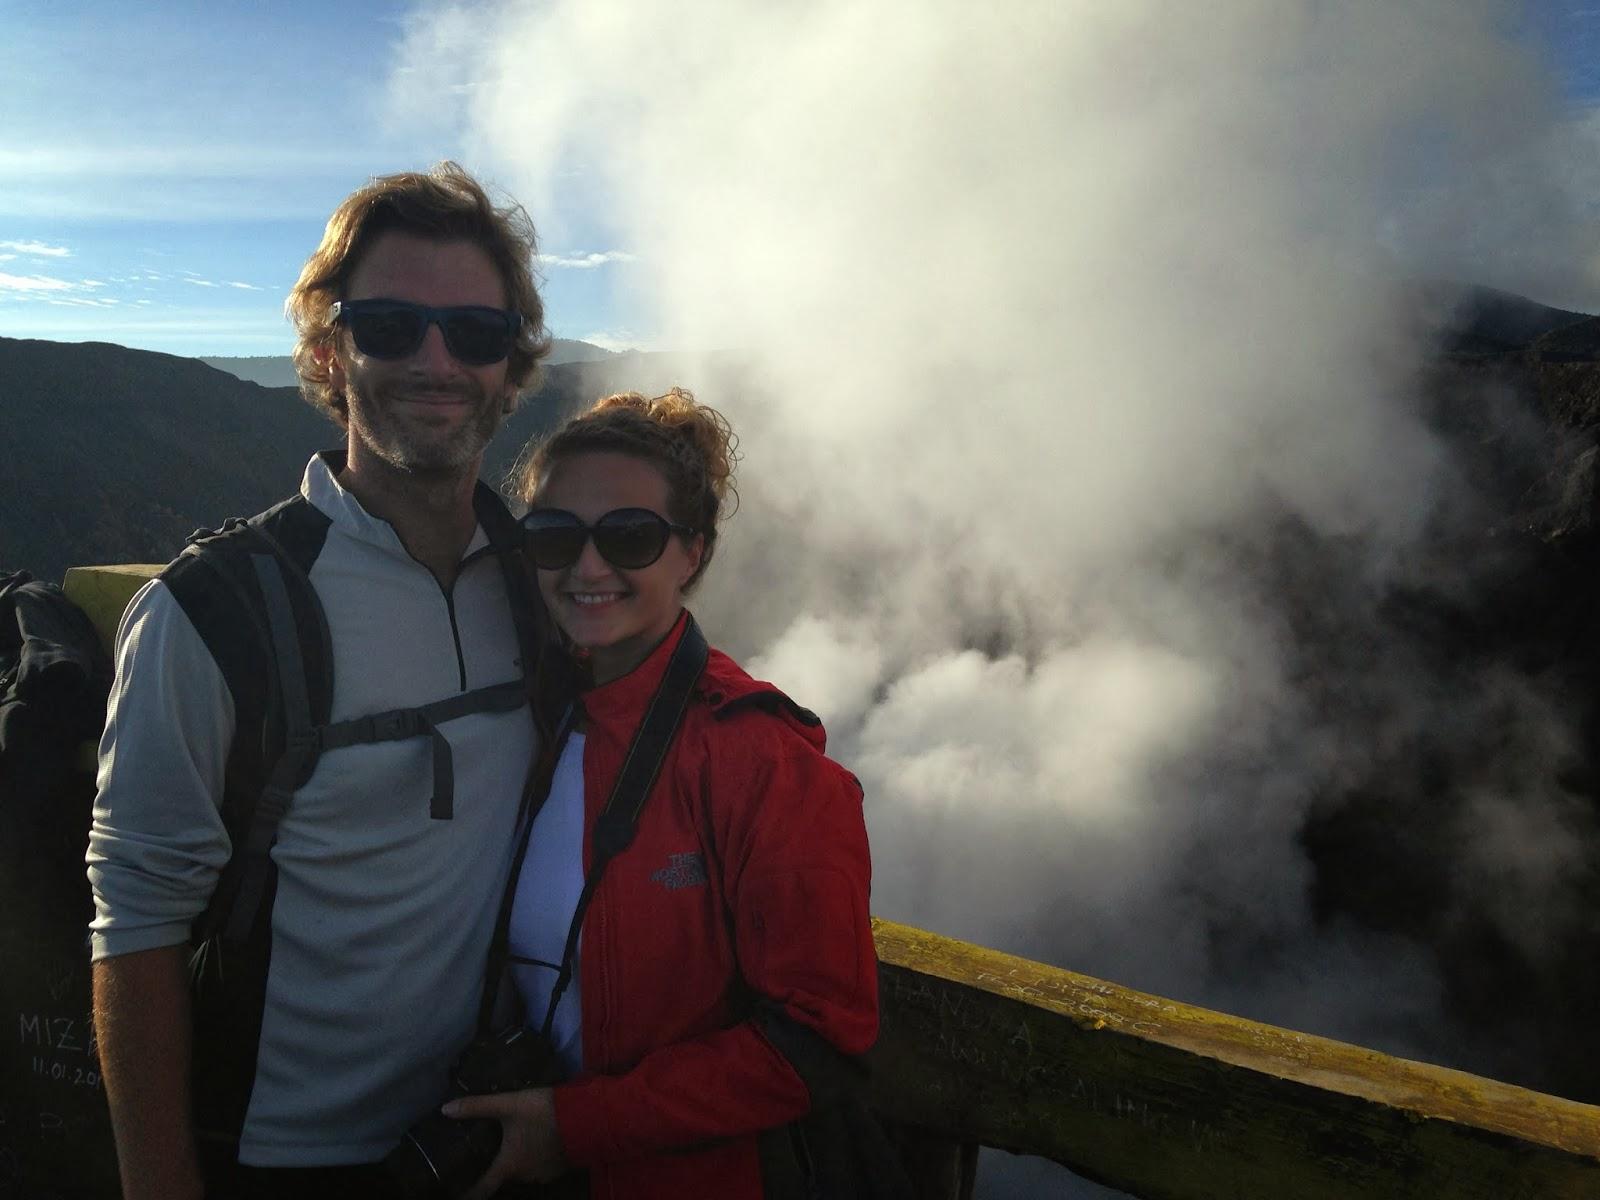 mount bromo smoking crater Indonesia